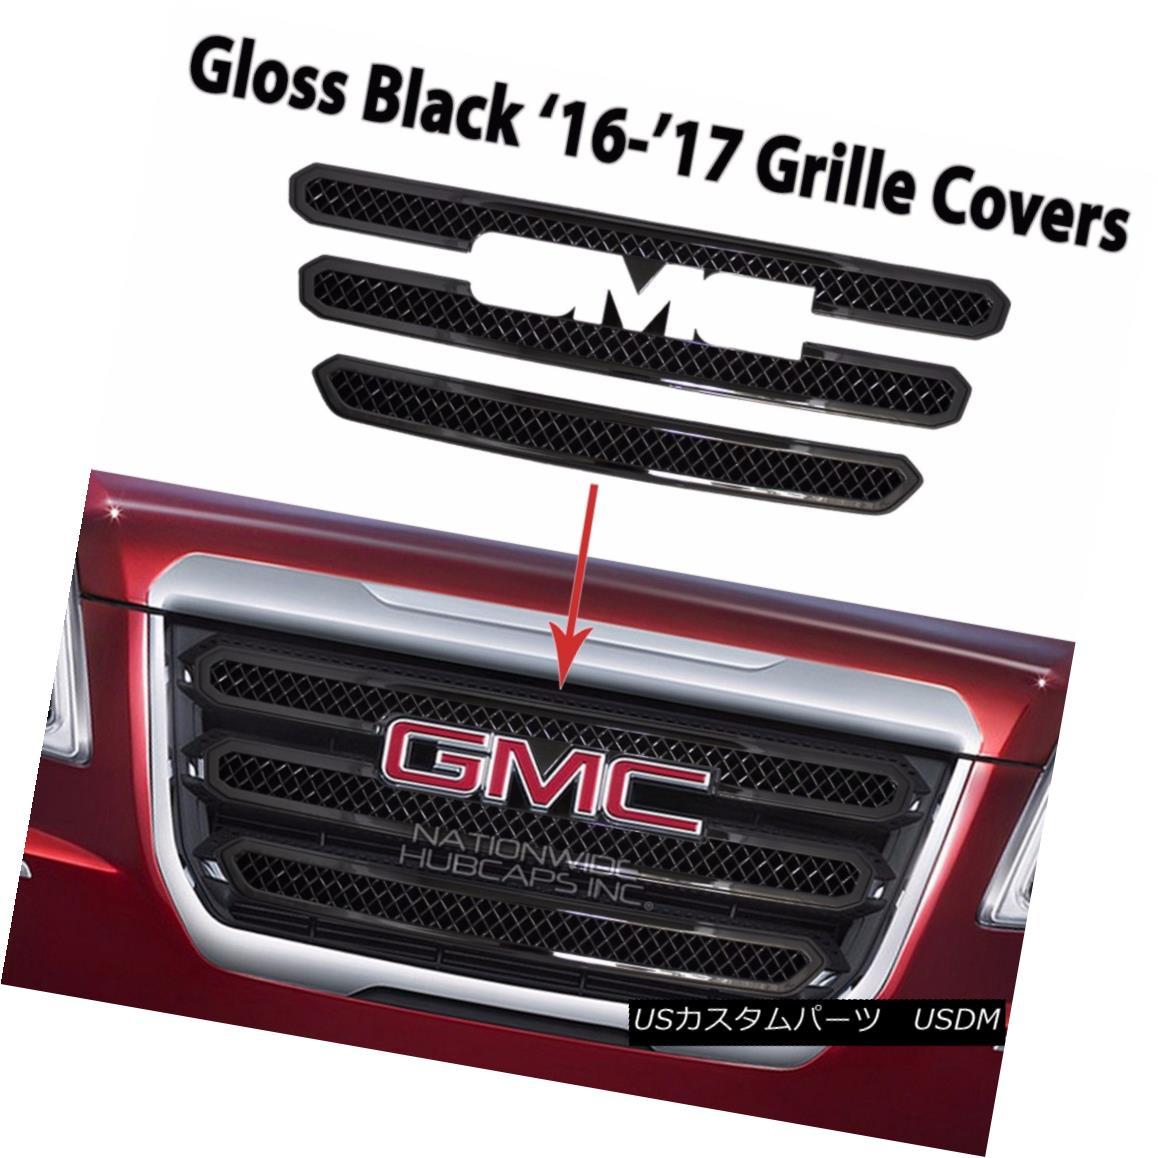 グリル 2016 2017 GMC Terrain BLACK Grille Overlay 3 Bar Front Grill Covers Inserts NEW 2016 2017 GMC地形BLACKグリルオーバーレイ3バーフロントグリルカバーインサートNEW